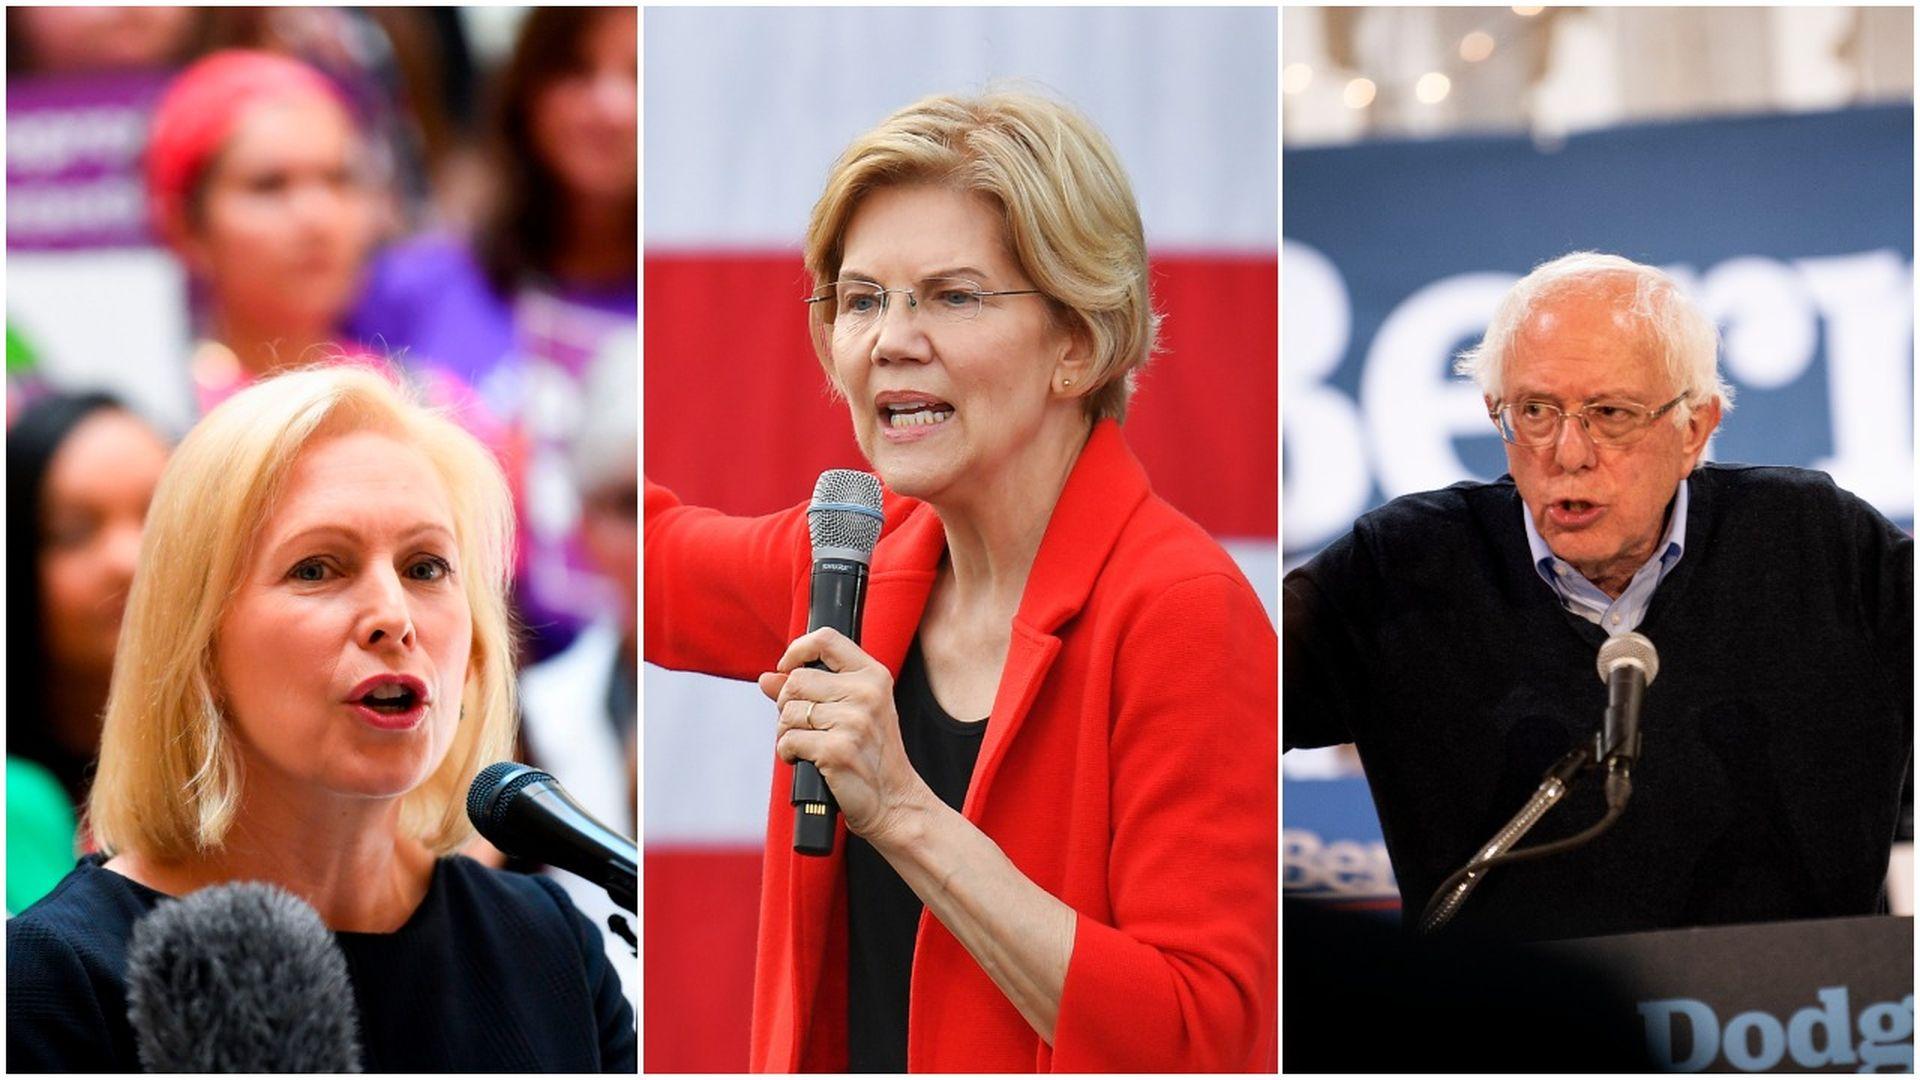 Senators Kirsten Gillibrand, Elizabeth Warren and Bernie Sanders